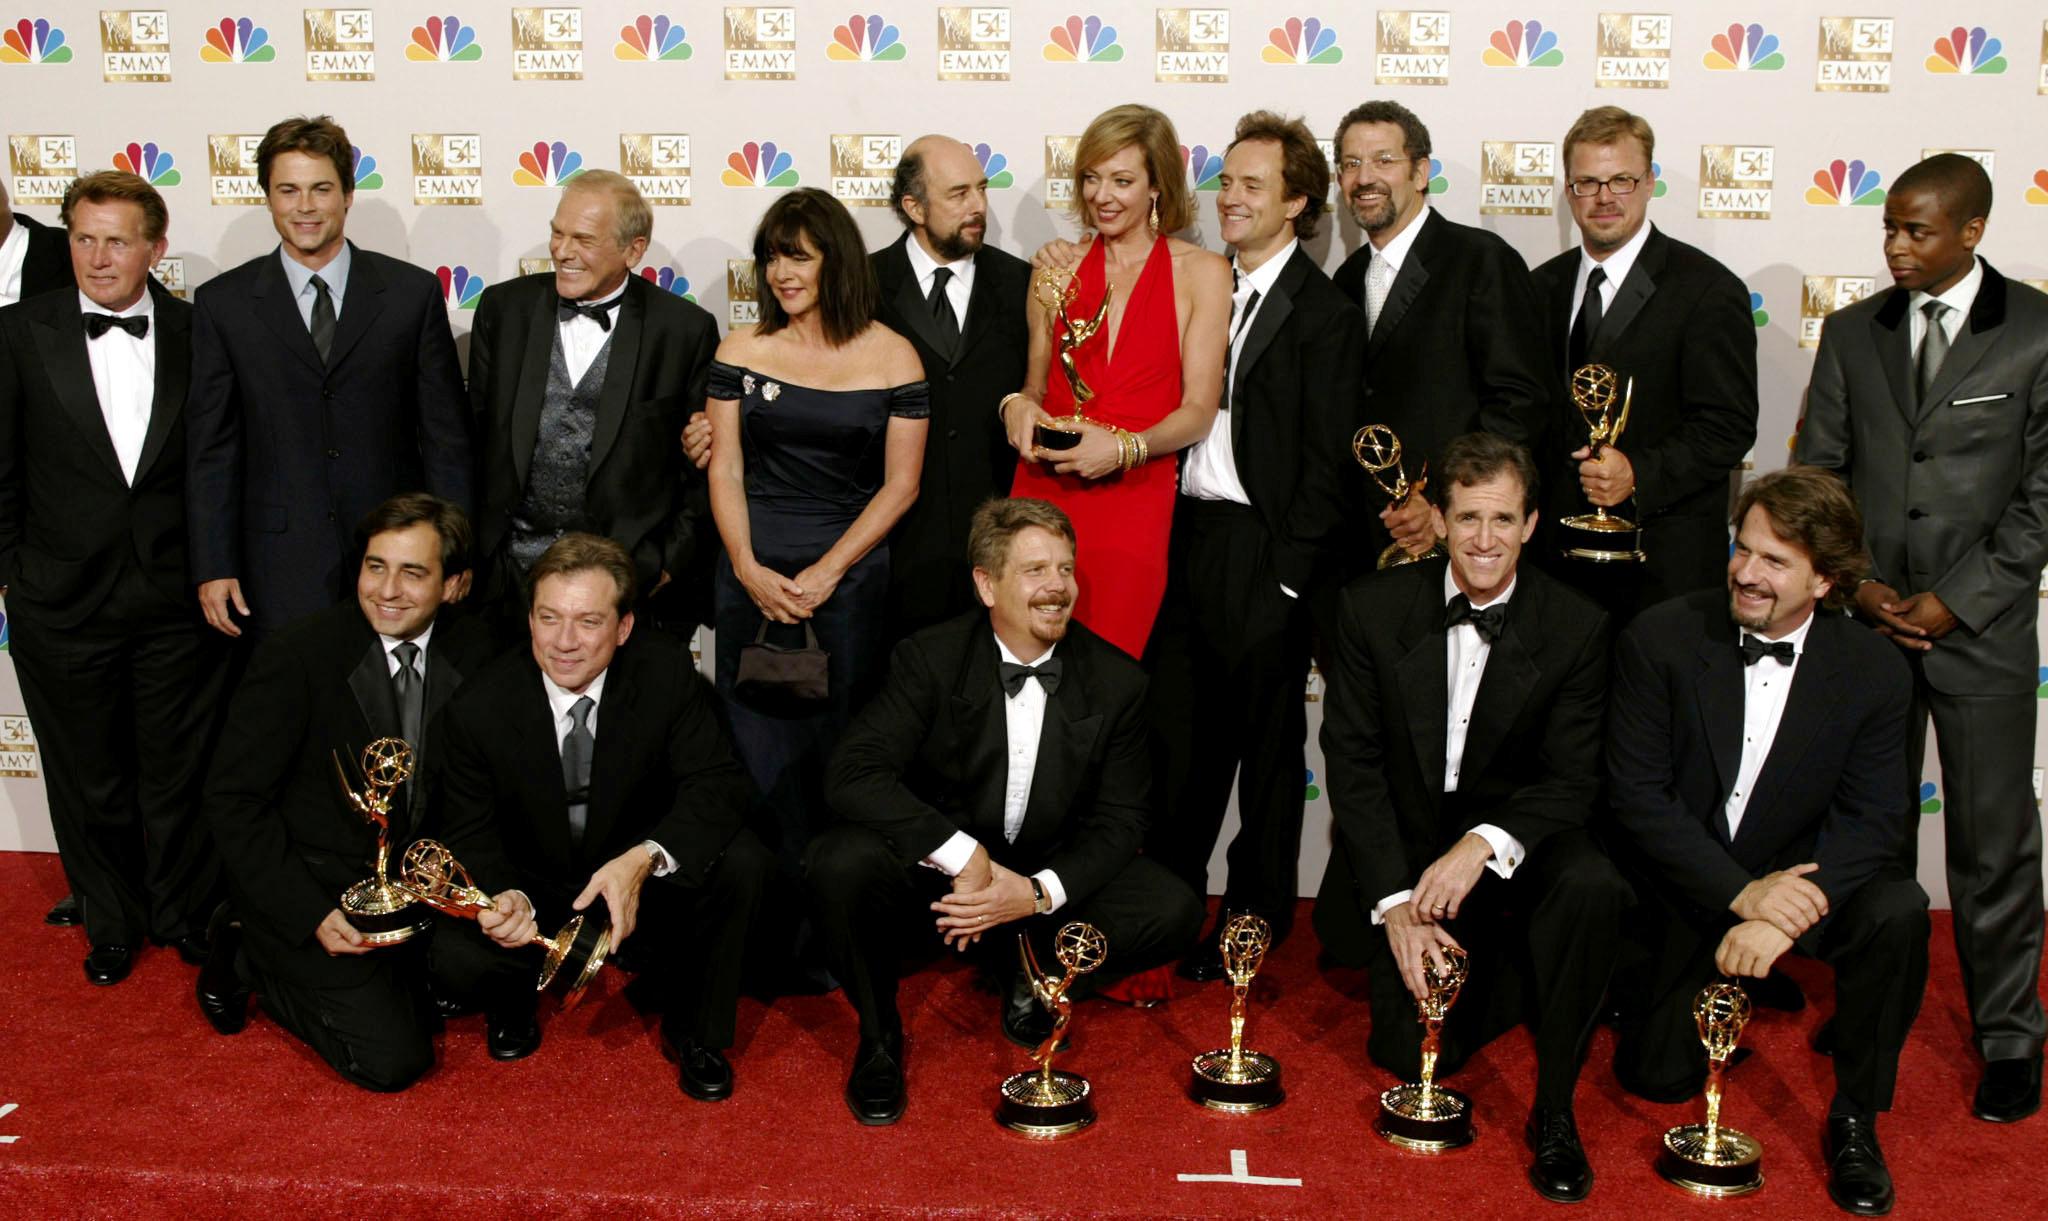 """مسلسلات """"ساكسيشن"""" و""""ووتشمن"""" و""""شيتس كريك"""" تحصد أكبر جوائز إيمي -""""رويترز"""""""